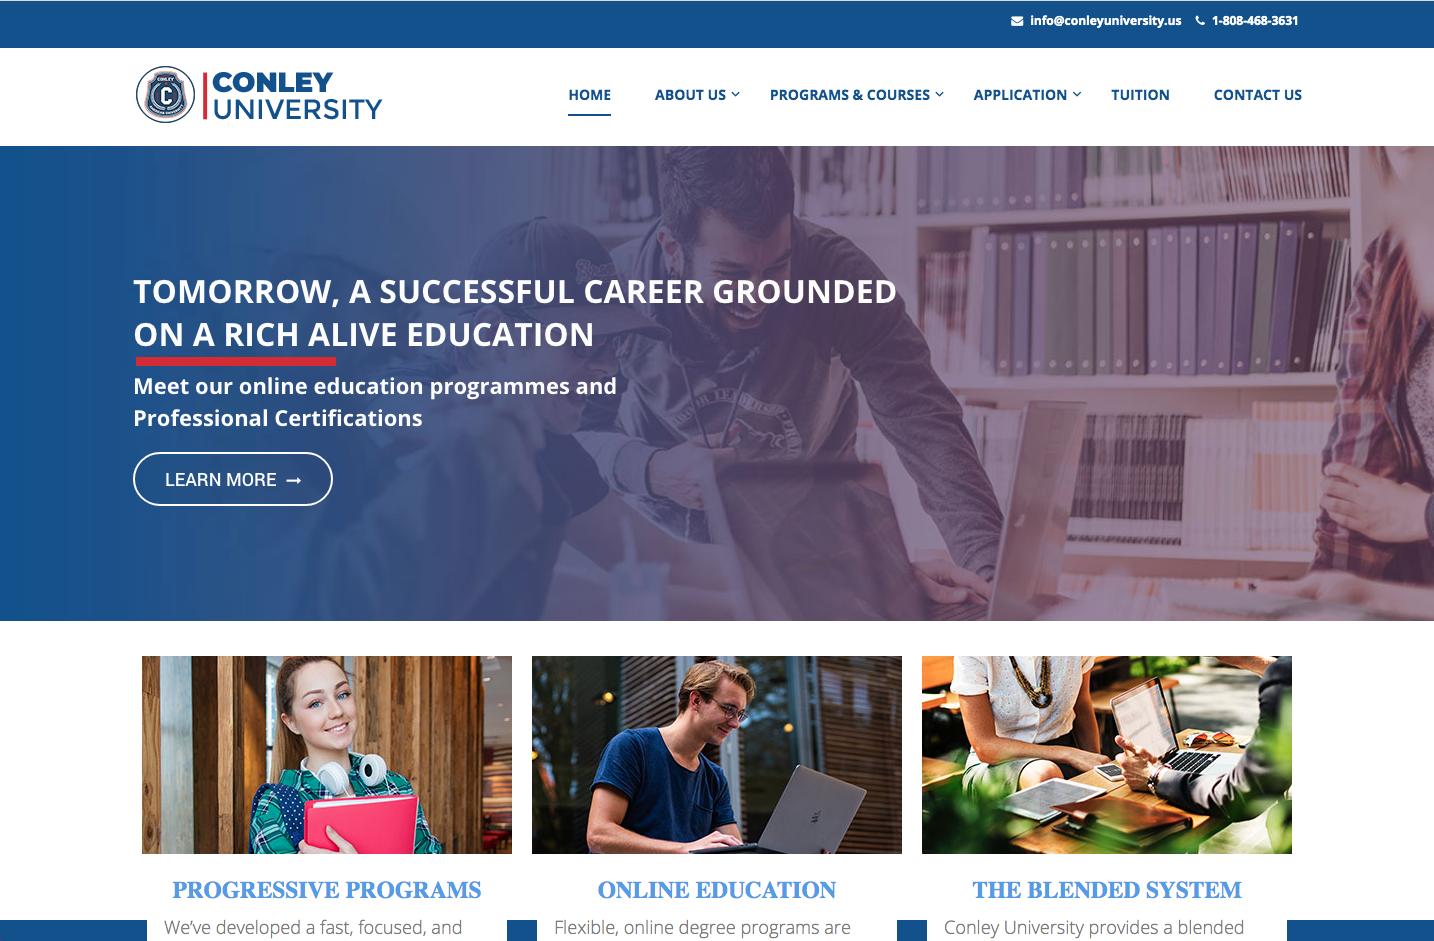 Conley University